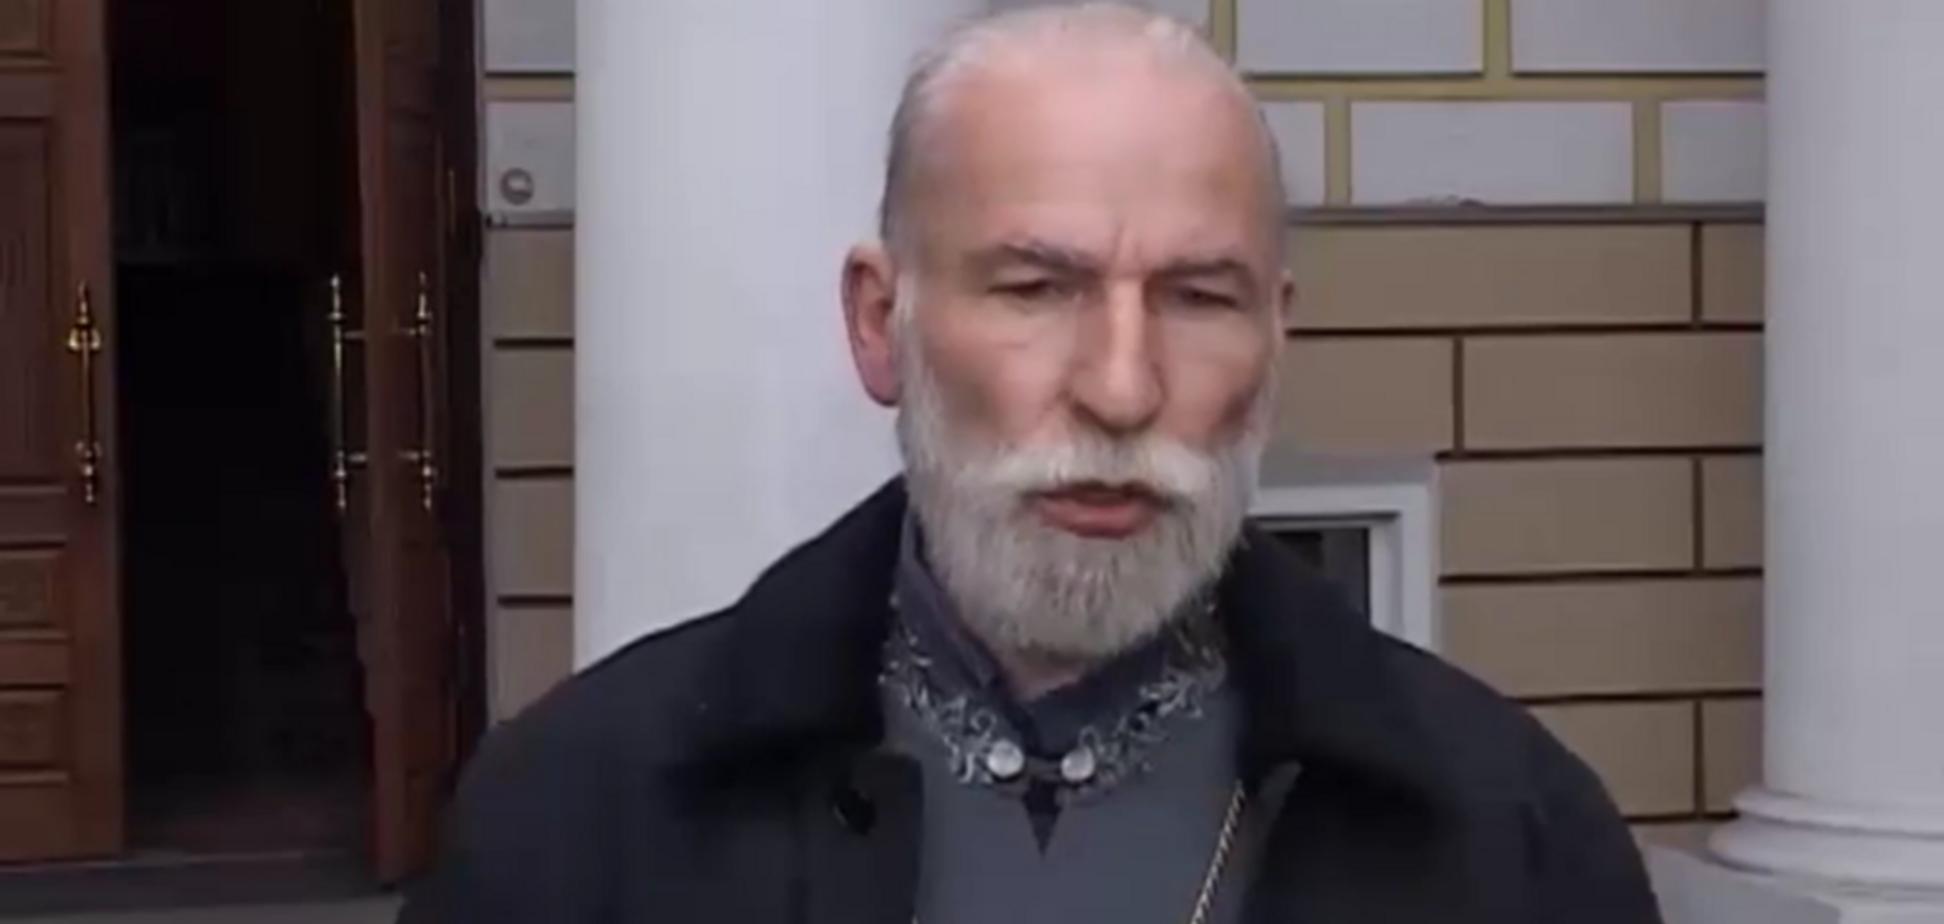 Священик УПЦ МП, який розгромив 10 могил, виявився росіянином: деталі скандалу